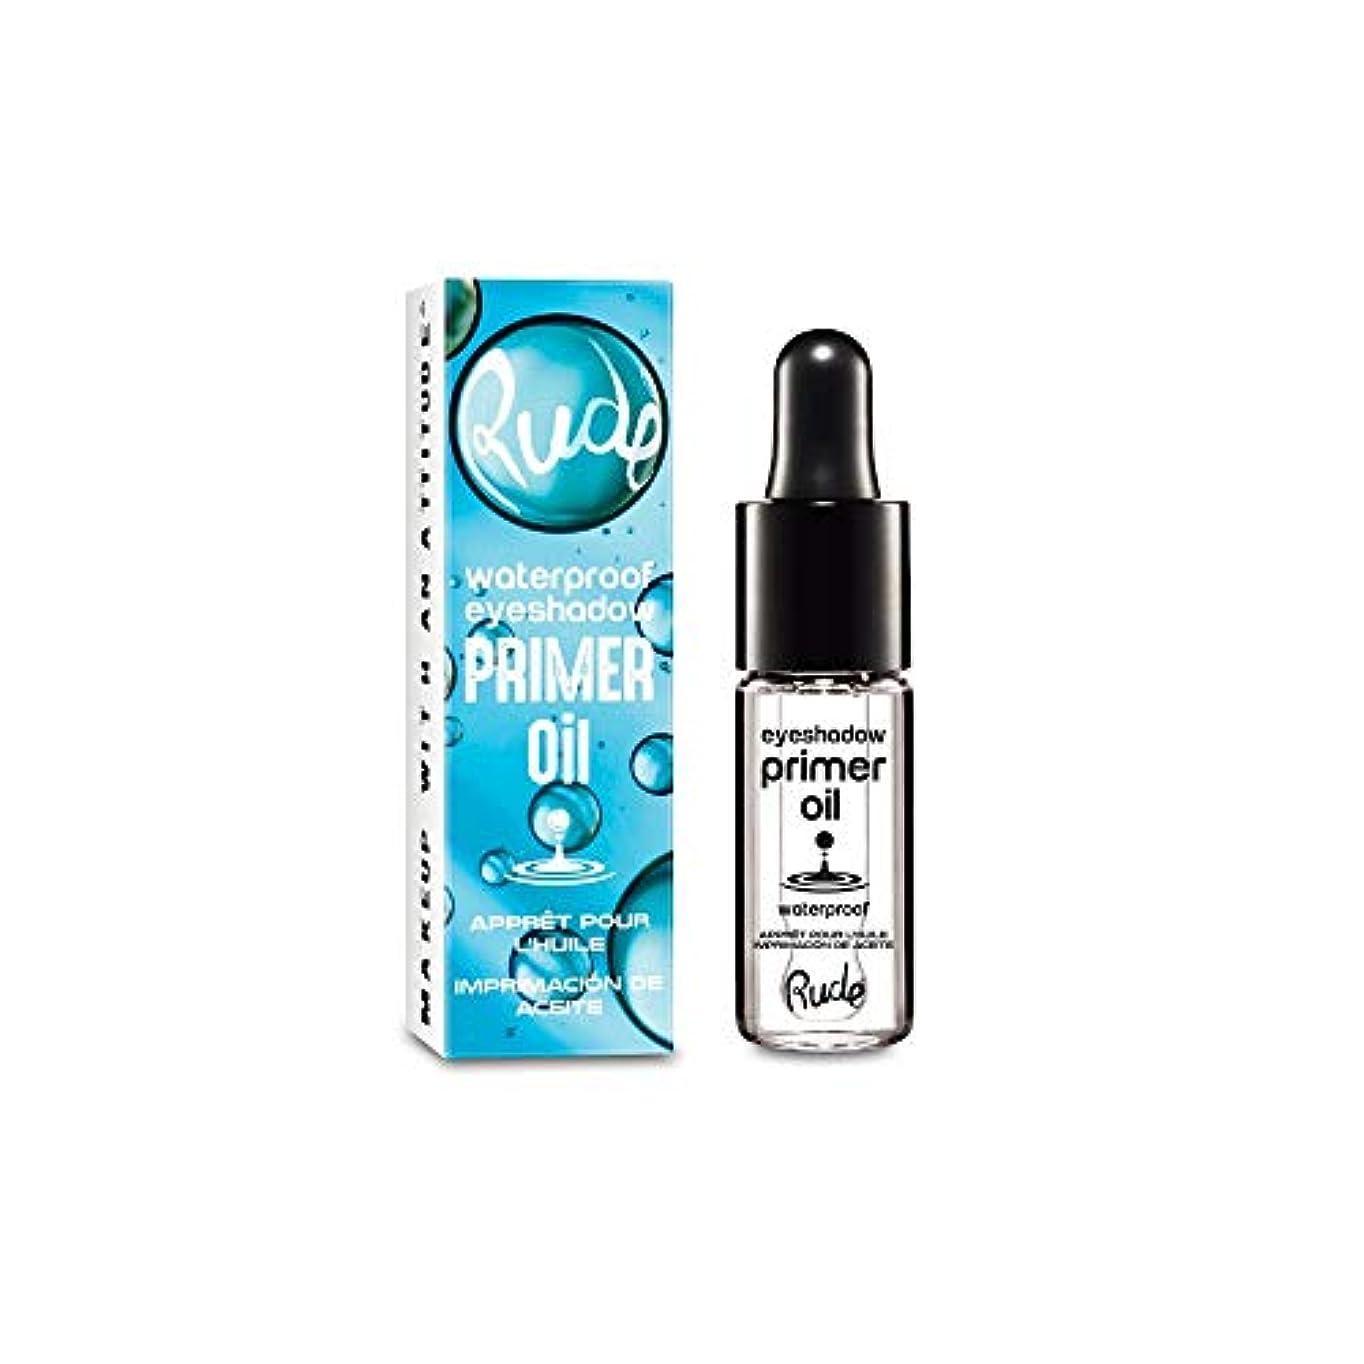 削除する奪うパール(6 Pack) RUDE Waterproof Eyeshadow Primer Oil (並行輸入品)